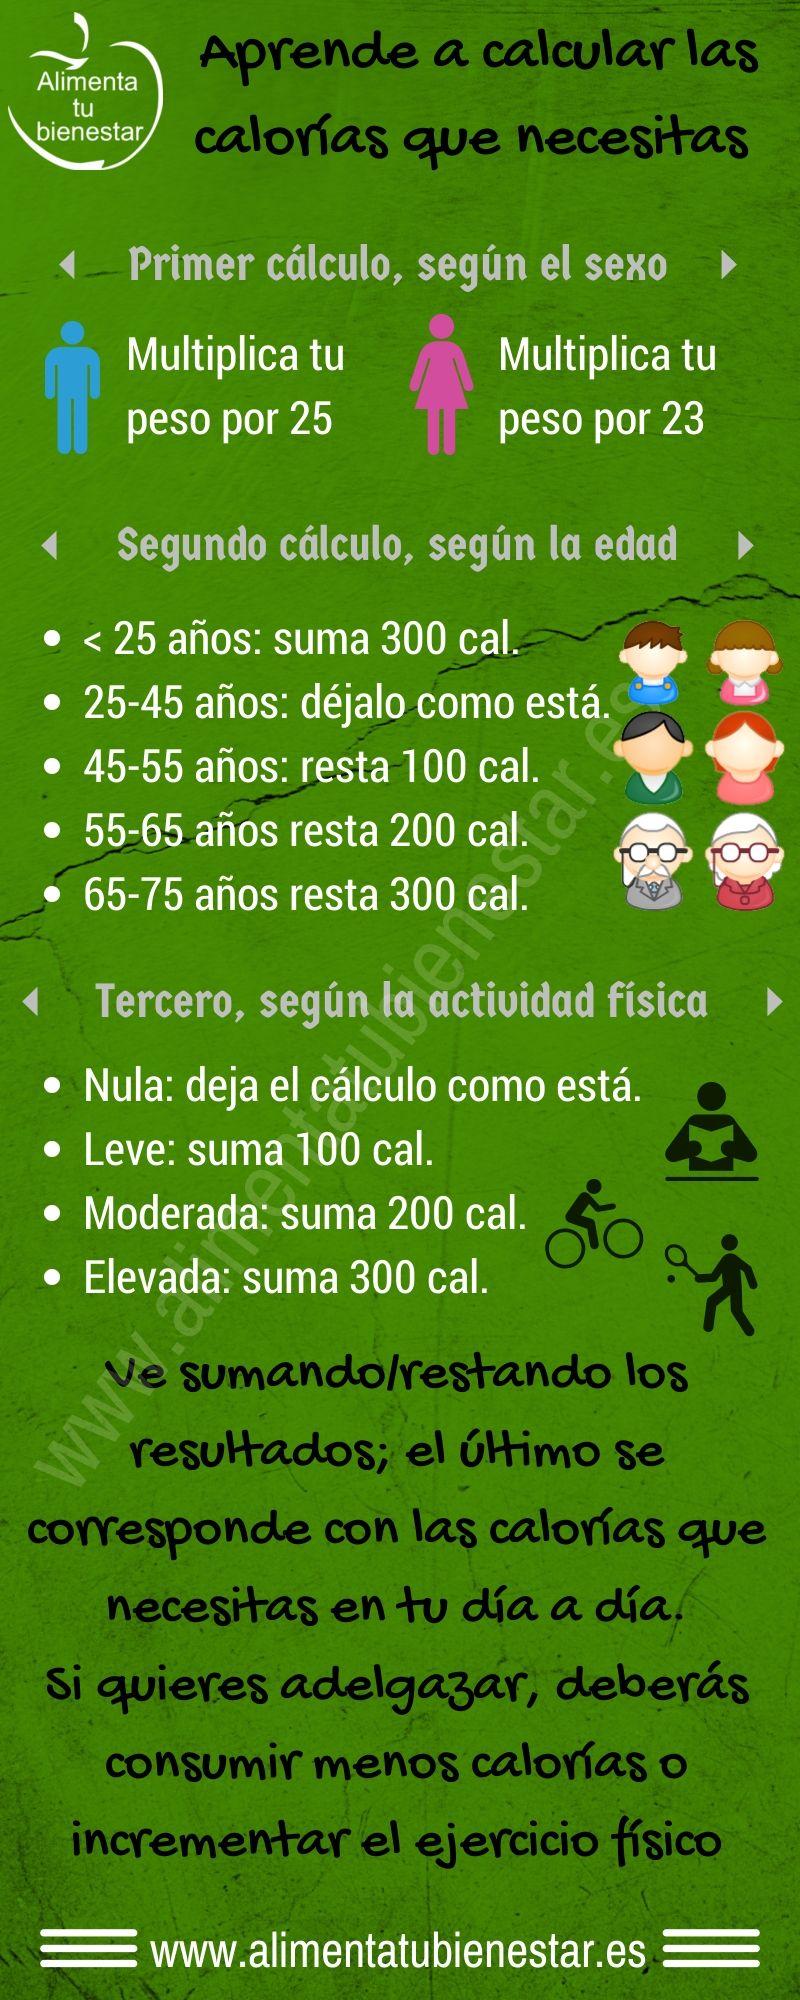 cuantas calorias tiene que consumir para bajar de peso